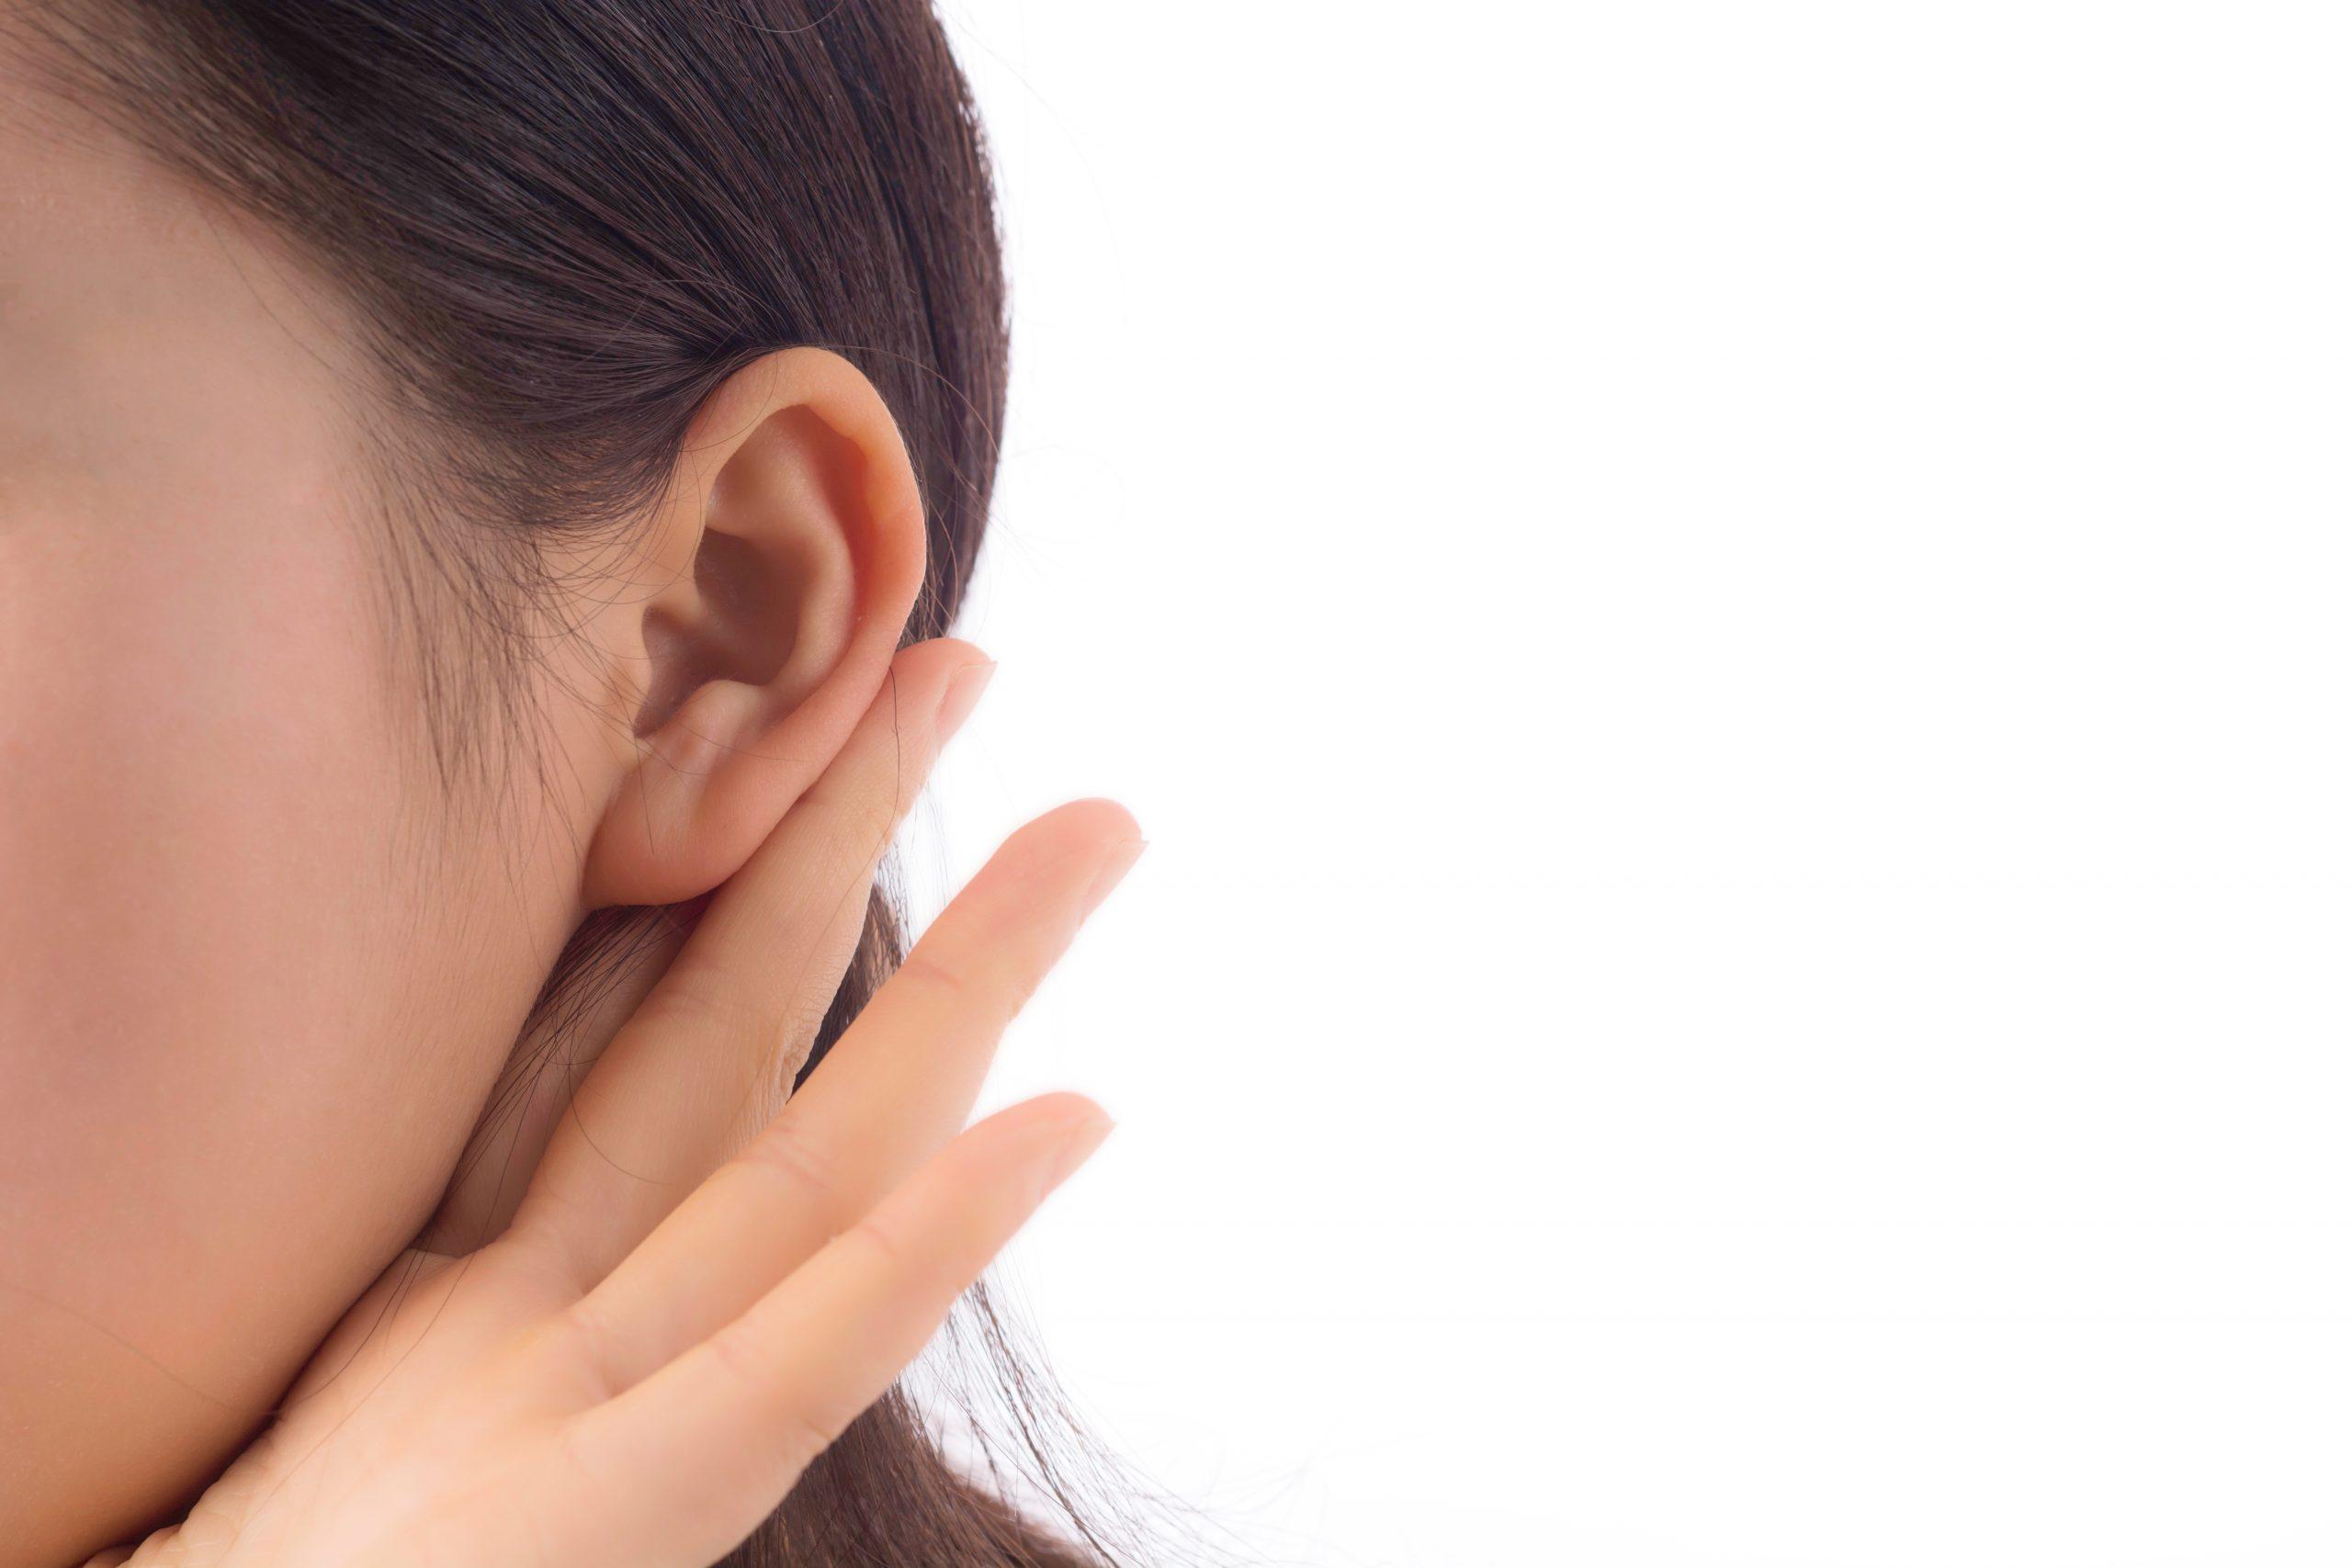 Mau cheiro no ouvido é sinal de que algo não vai bem com sua audição |  Centro Auditivo Viver